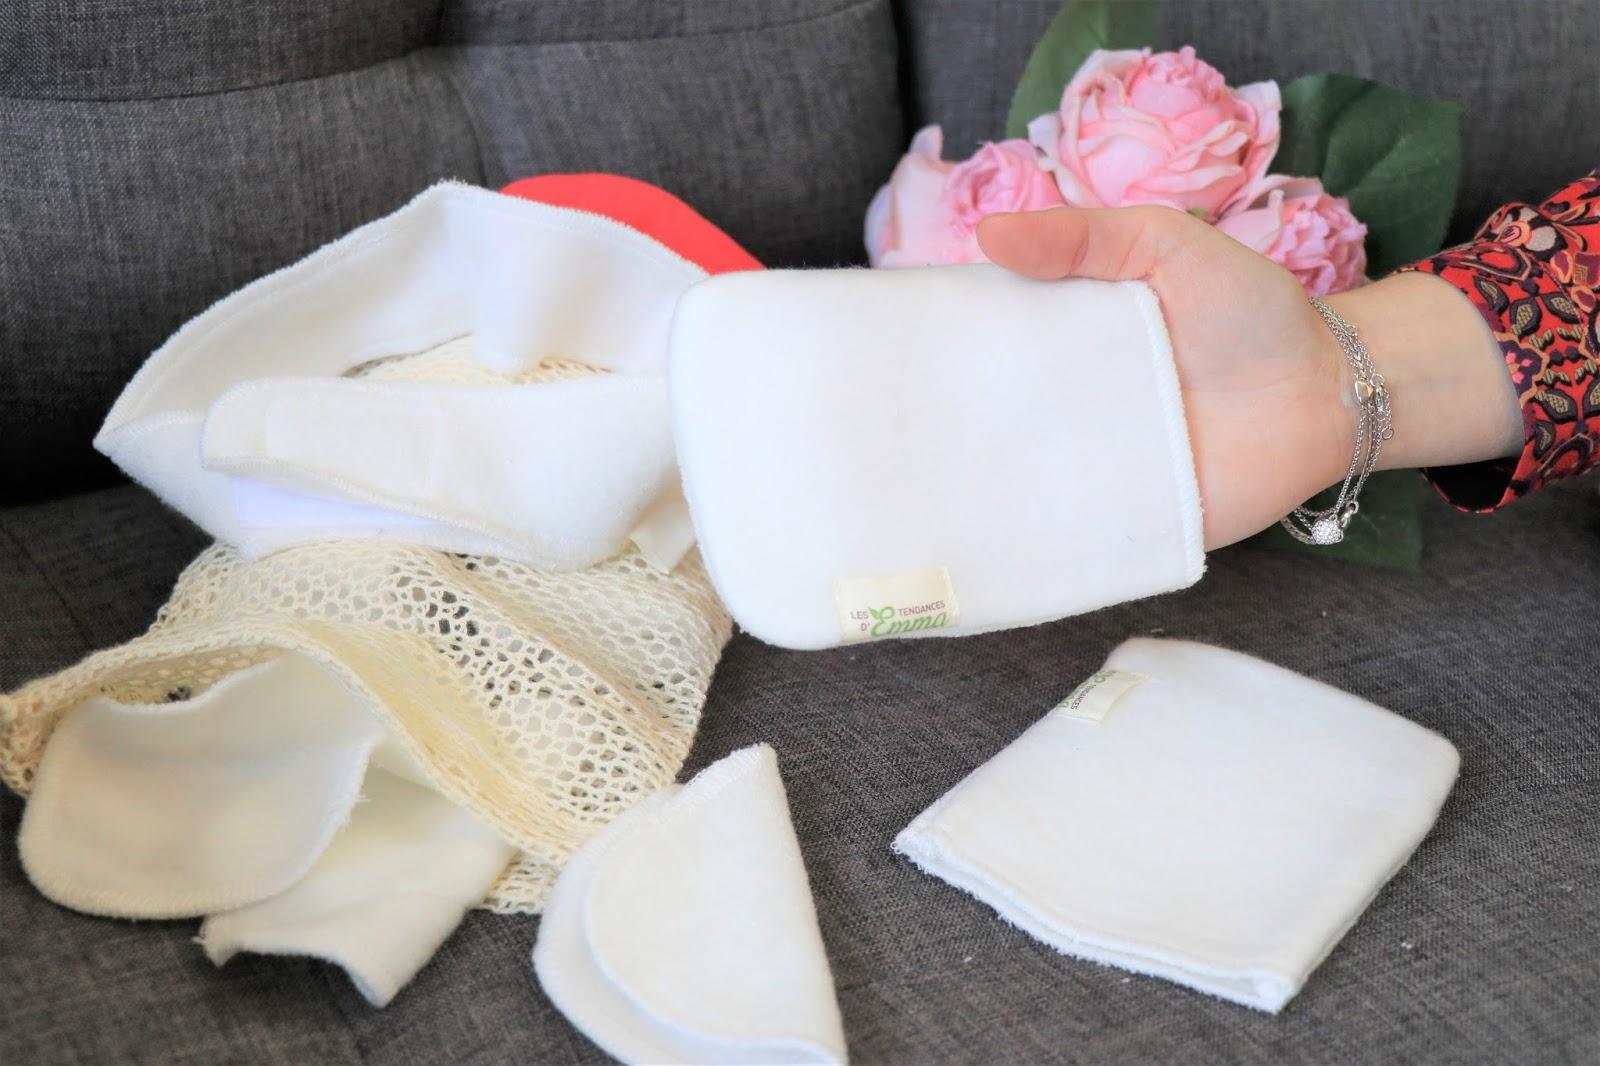 les gommettes de melo coton bio lavable écolo economique planete les tendances d'emma carre reutilisable avis commande